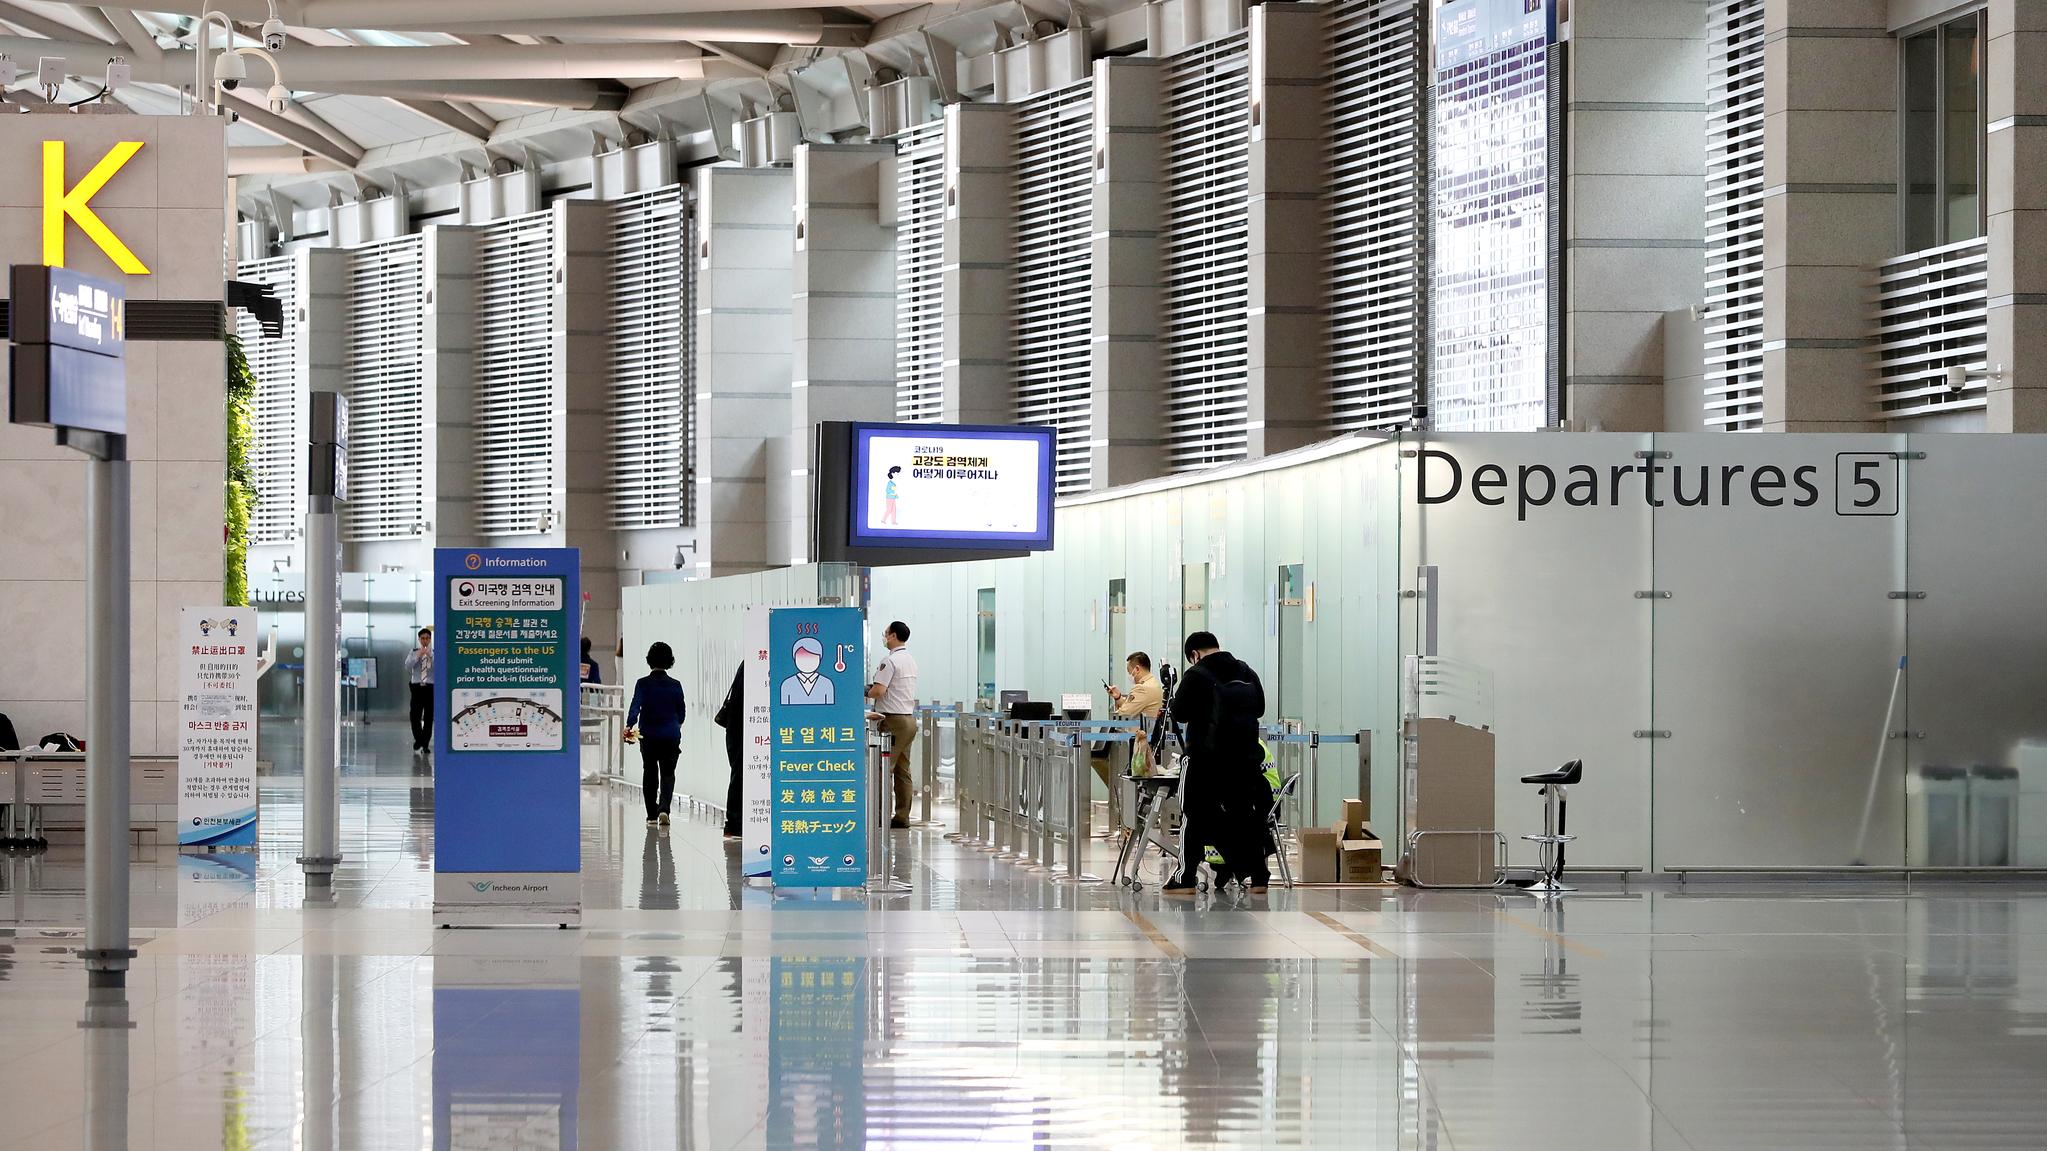 신종 코로나바이러스 감염증(코로나19) 영향으로 여행객이 급감한 가운데 1일 오전 인천국제공항 제1터미널 출국장이 한산하다.뉴스1